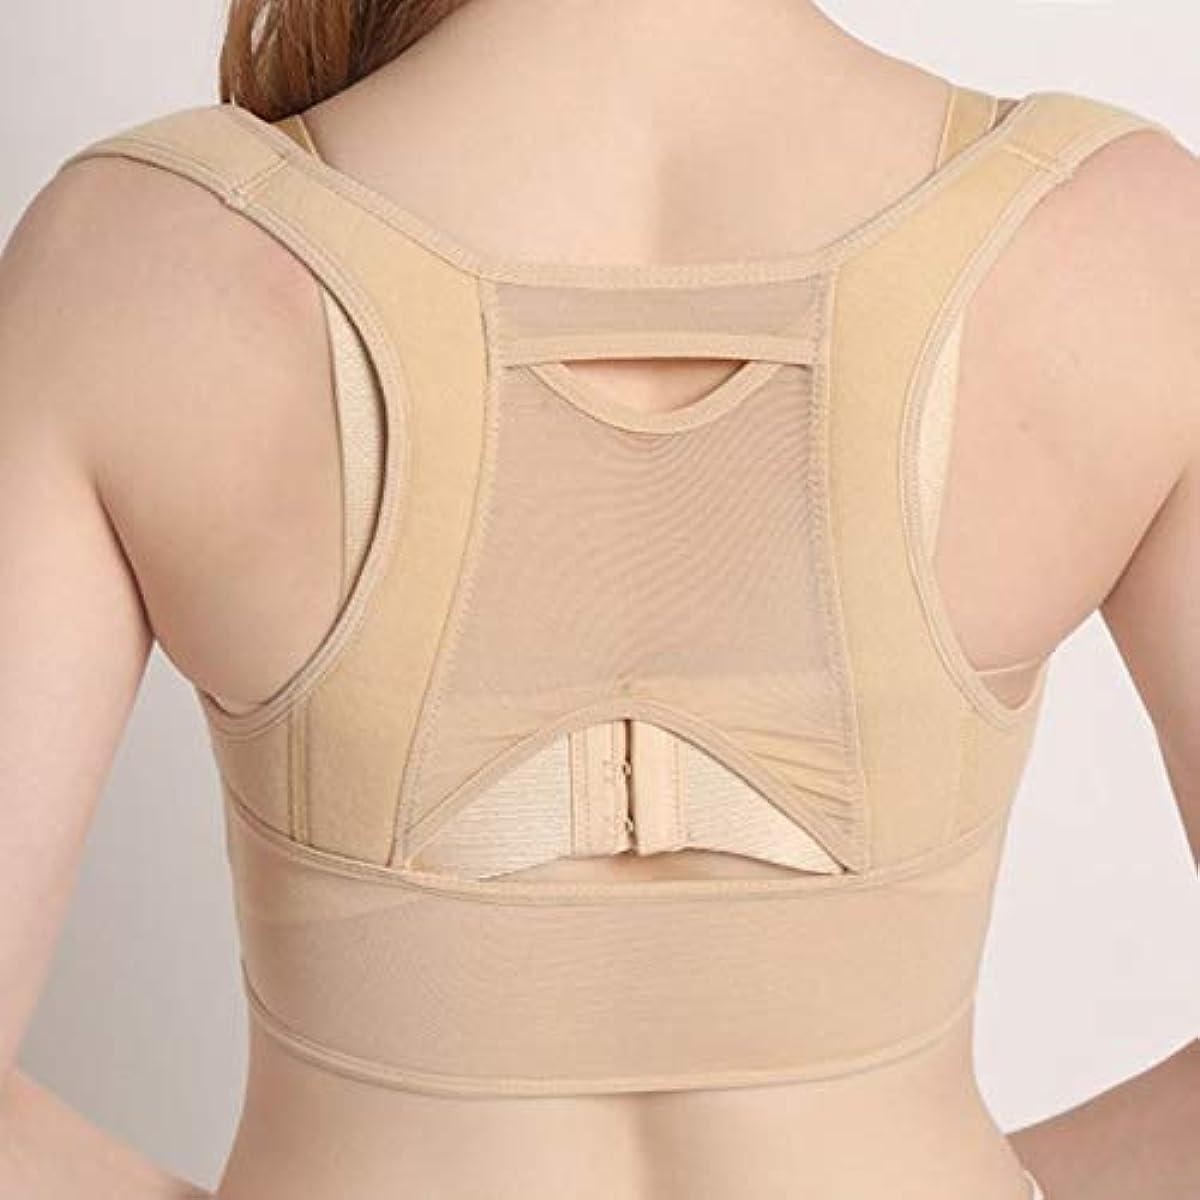 ほとんどないアート争い通気性のある女性の背中の姿勢矯正コルセット整形外科の肩の背骨の姿勢矯正腰椎サポート - ベージュホワイトM